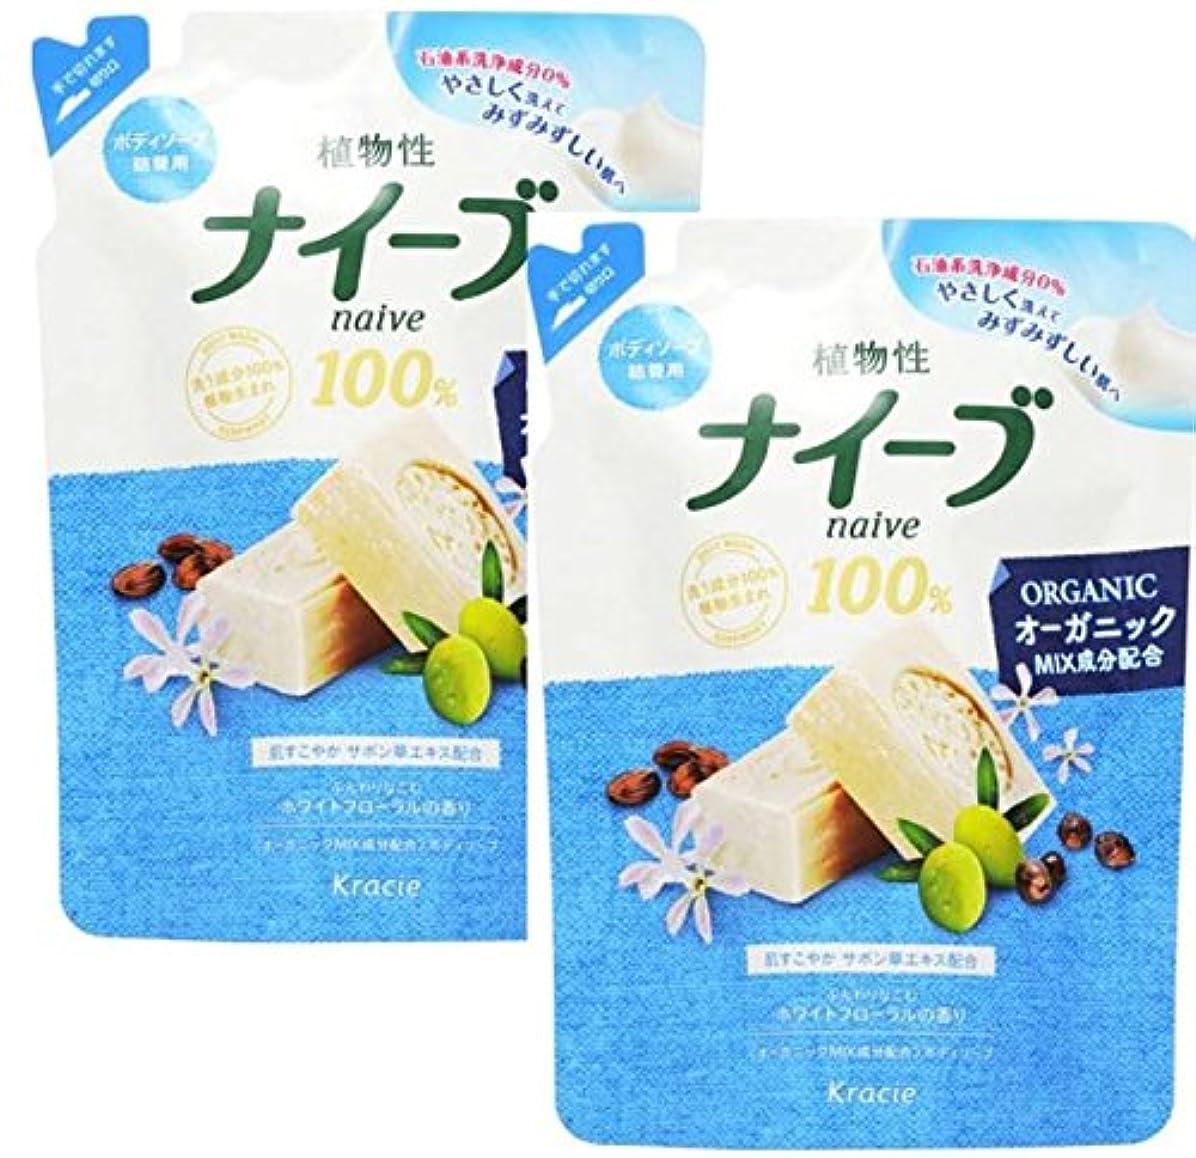 小麦粉欲求不満雄大なナイーブ ボディソープ サボン草エキス配合 詰替用 400ml / ホワイトフローラルの香り 【2点セット】